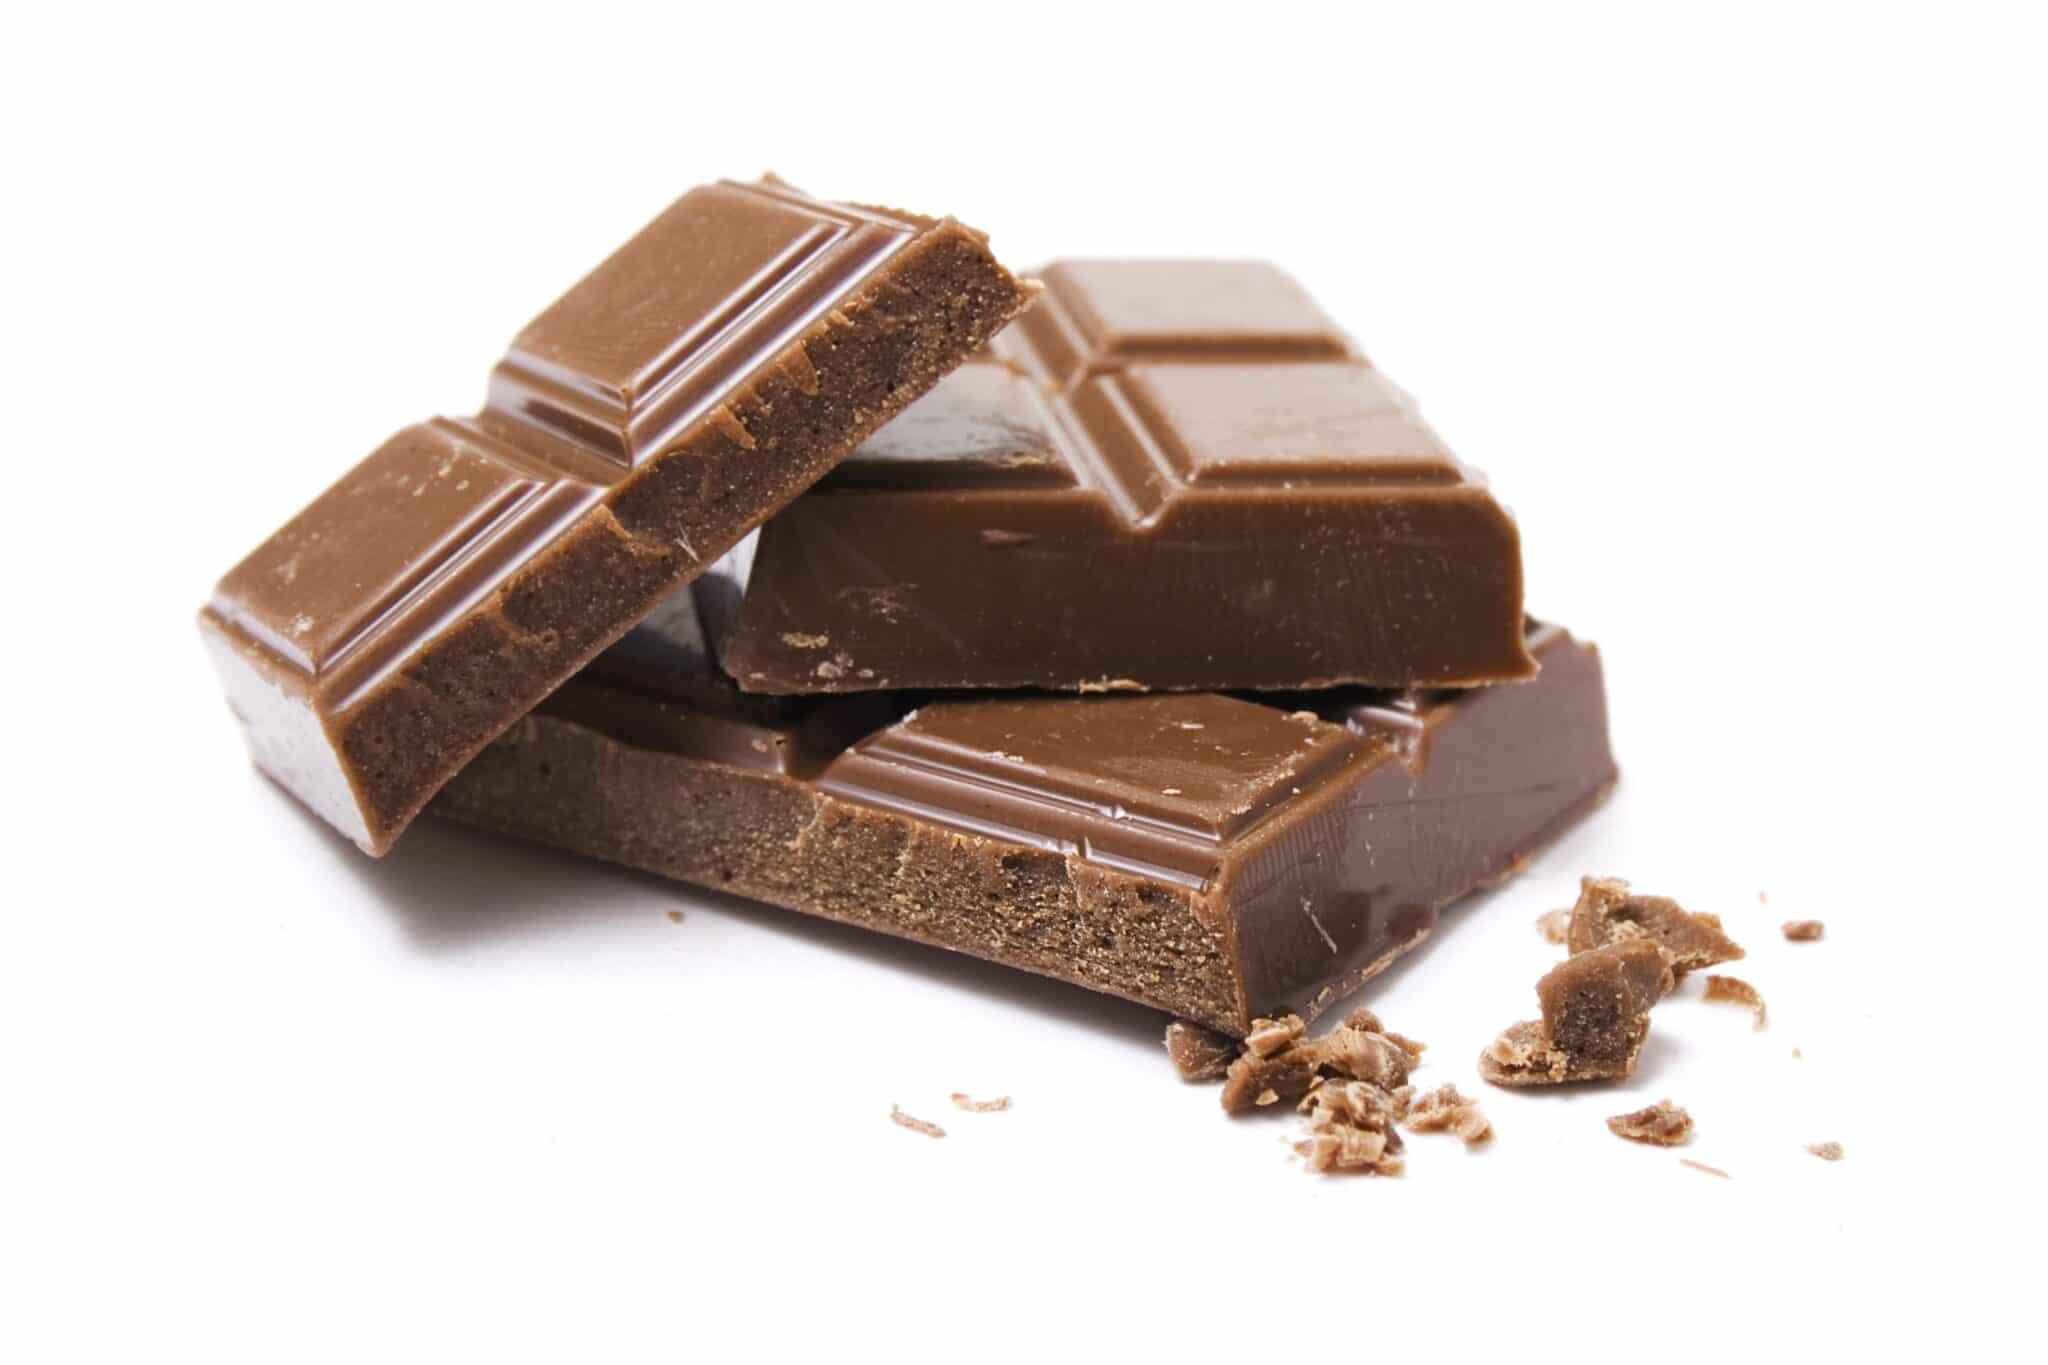 Mangiare cioccolata colpa dei geni